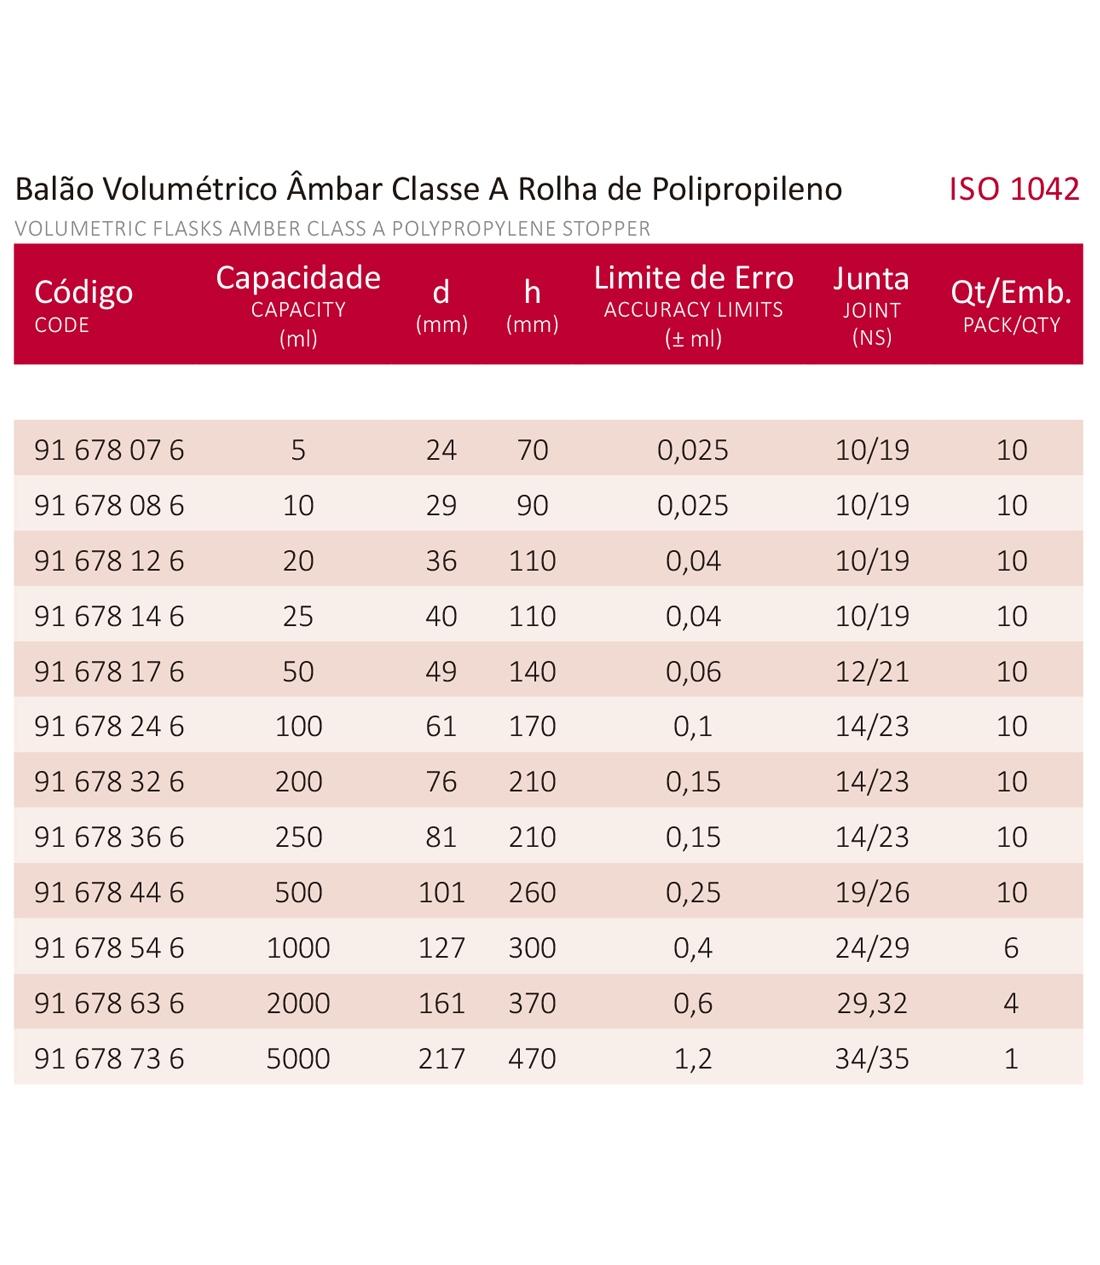 BALÃO VOLUMÉTRICO CLASSE A ROLHA POLI ÂMBAR C/ CERTIFICADO RASTREÁVEL 100 ML - Marca Laborglas - Cód. 91678246-C